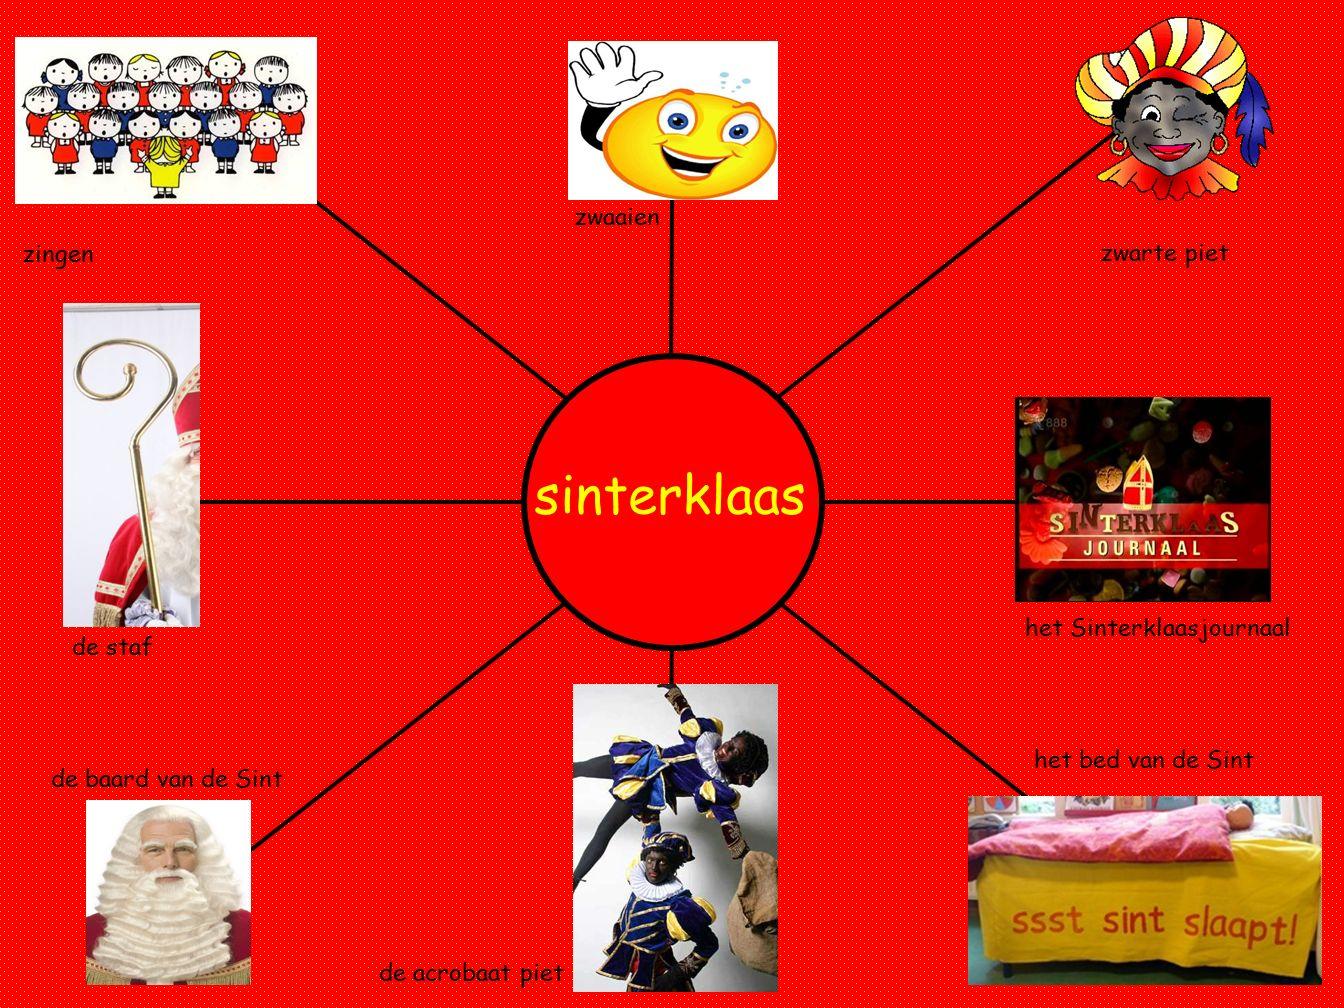 sinterklaas zwaaien zingen zwarte piet het Sinterklaasjournaal de staf